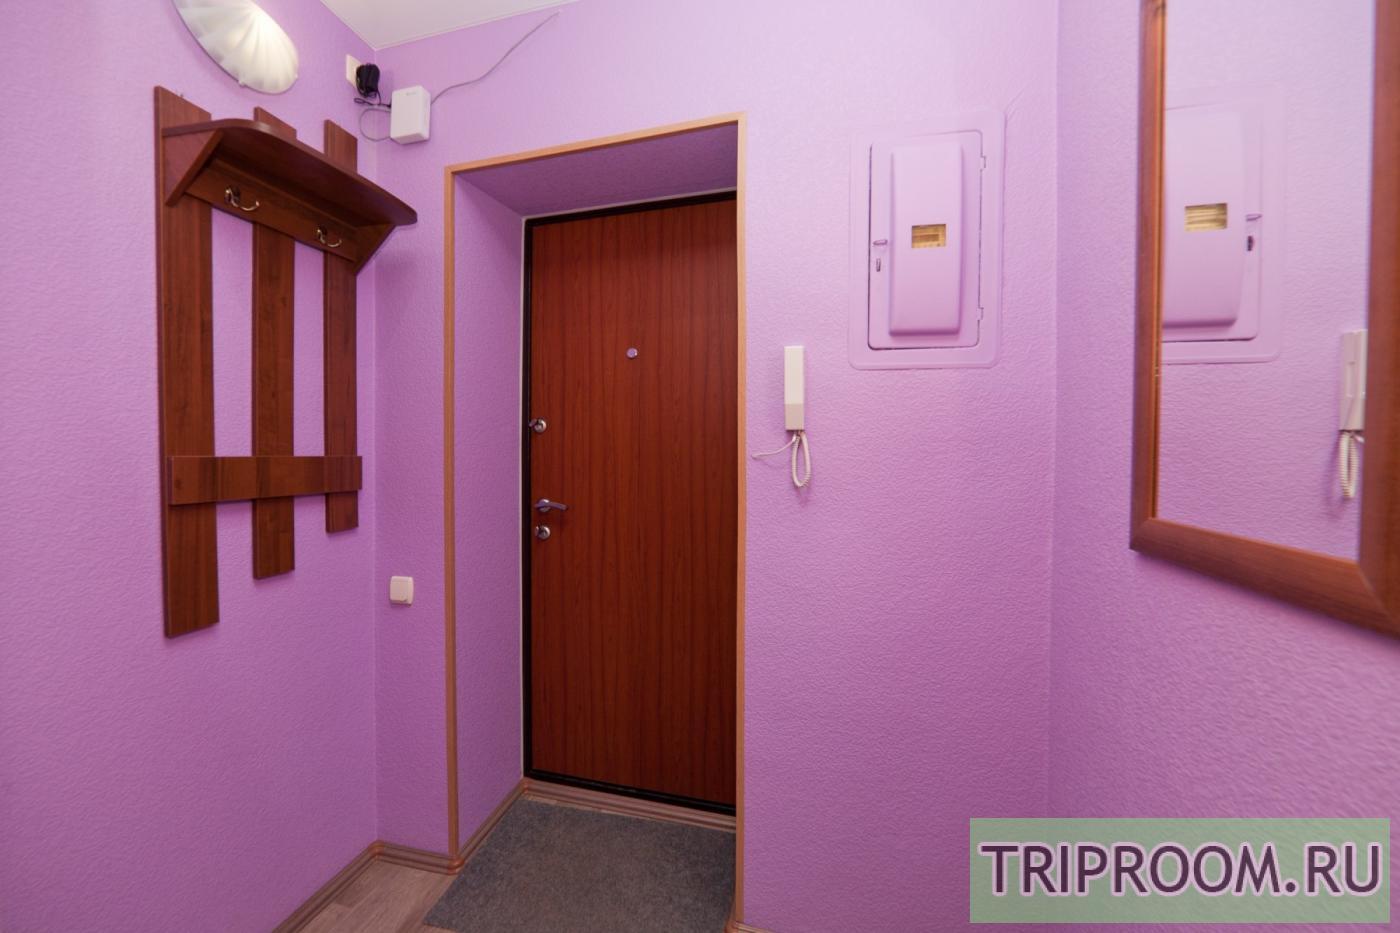 2-комнатная квартира посуточно (вариант № 19810), ул. Университетский переулок, фото № 13